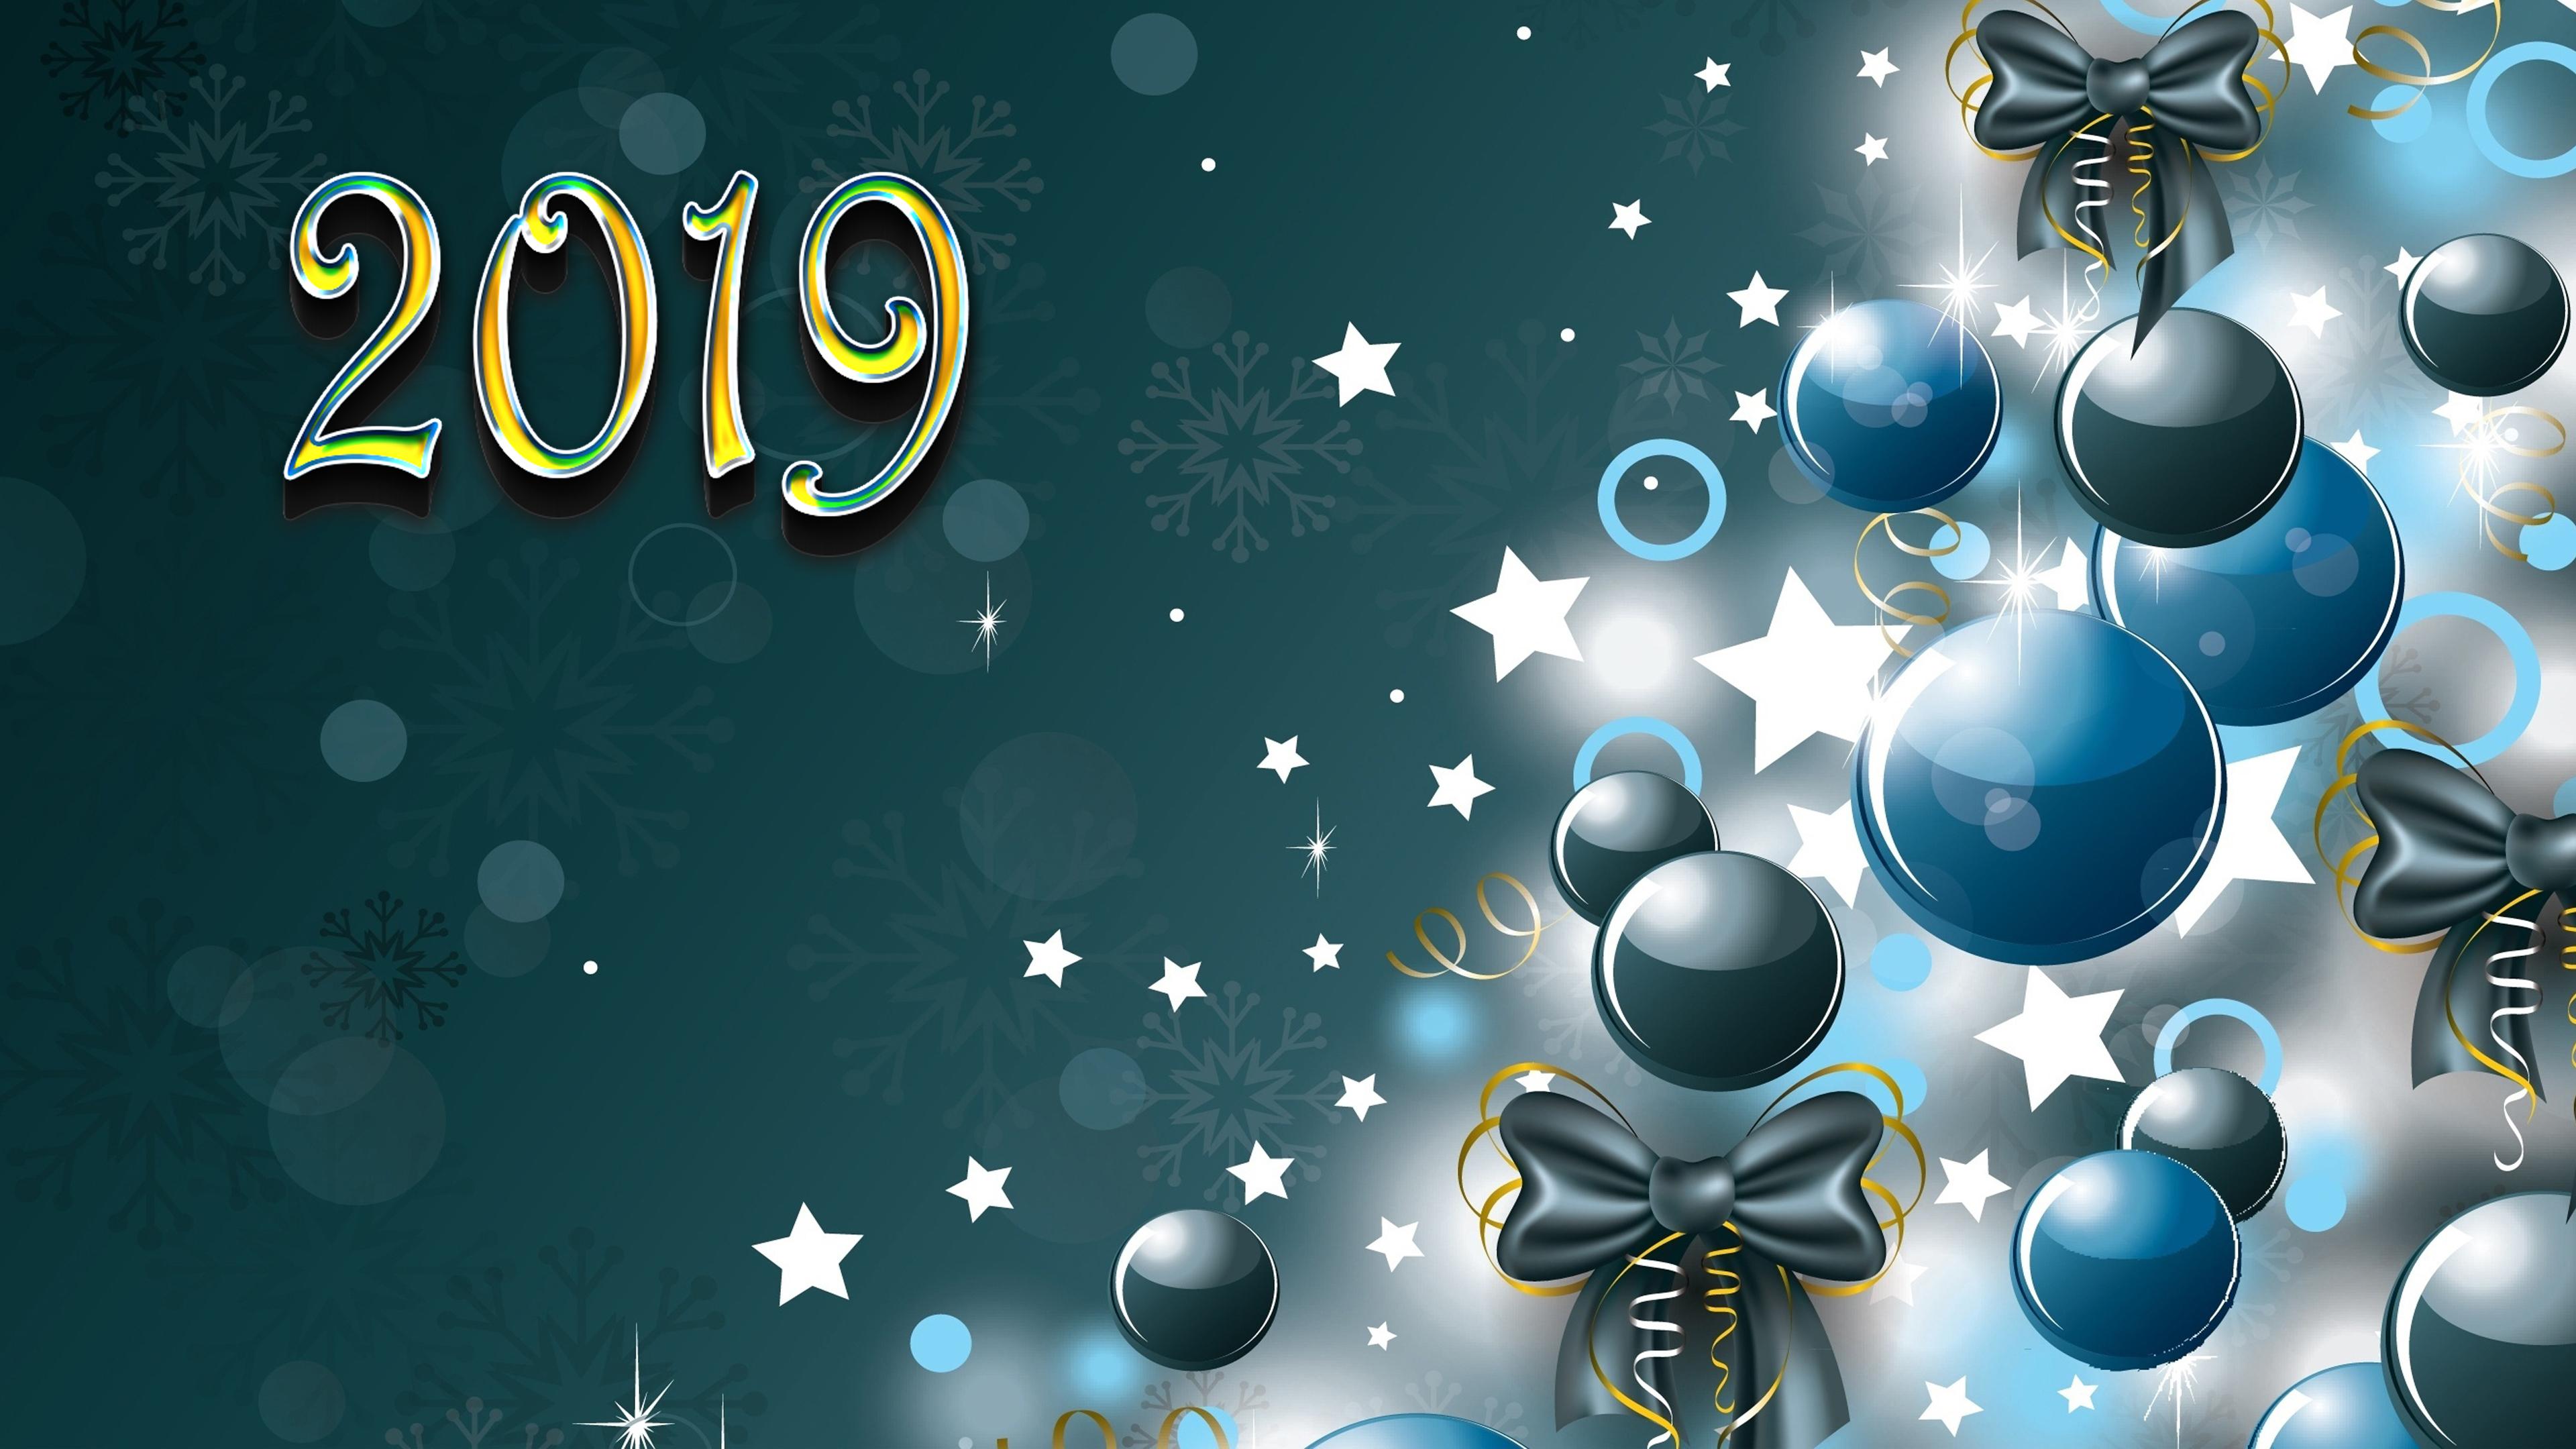 Новогодние обои 2019 №2_006.jpg